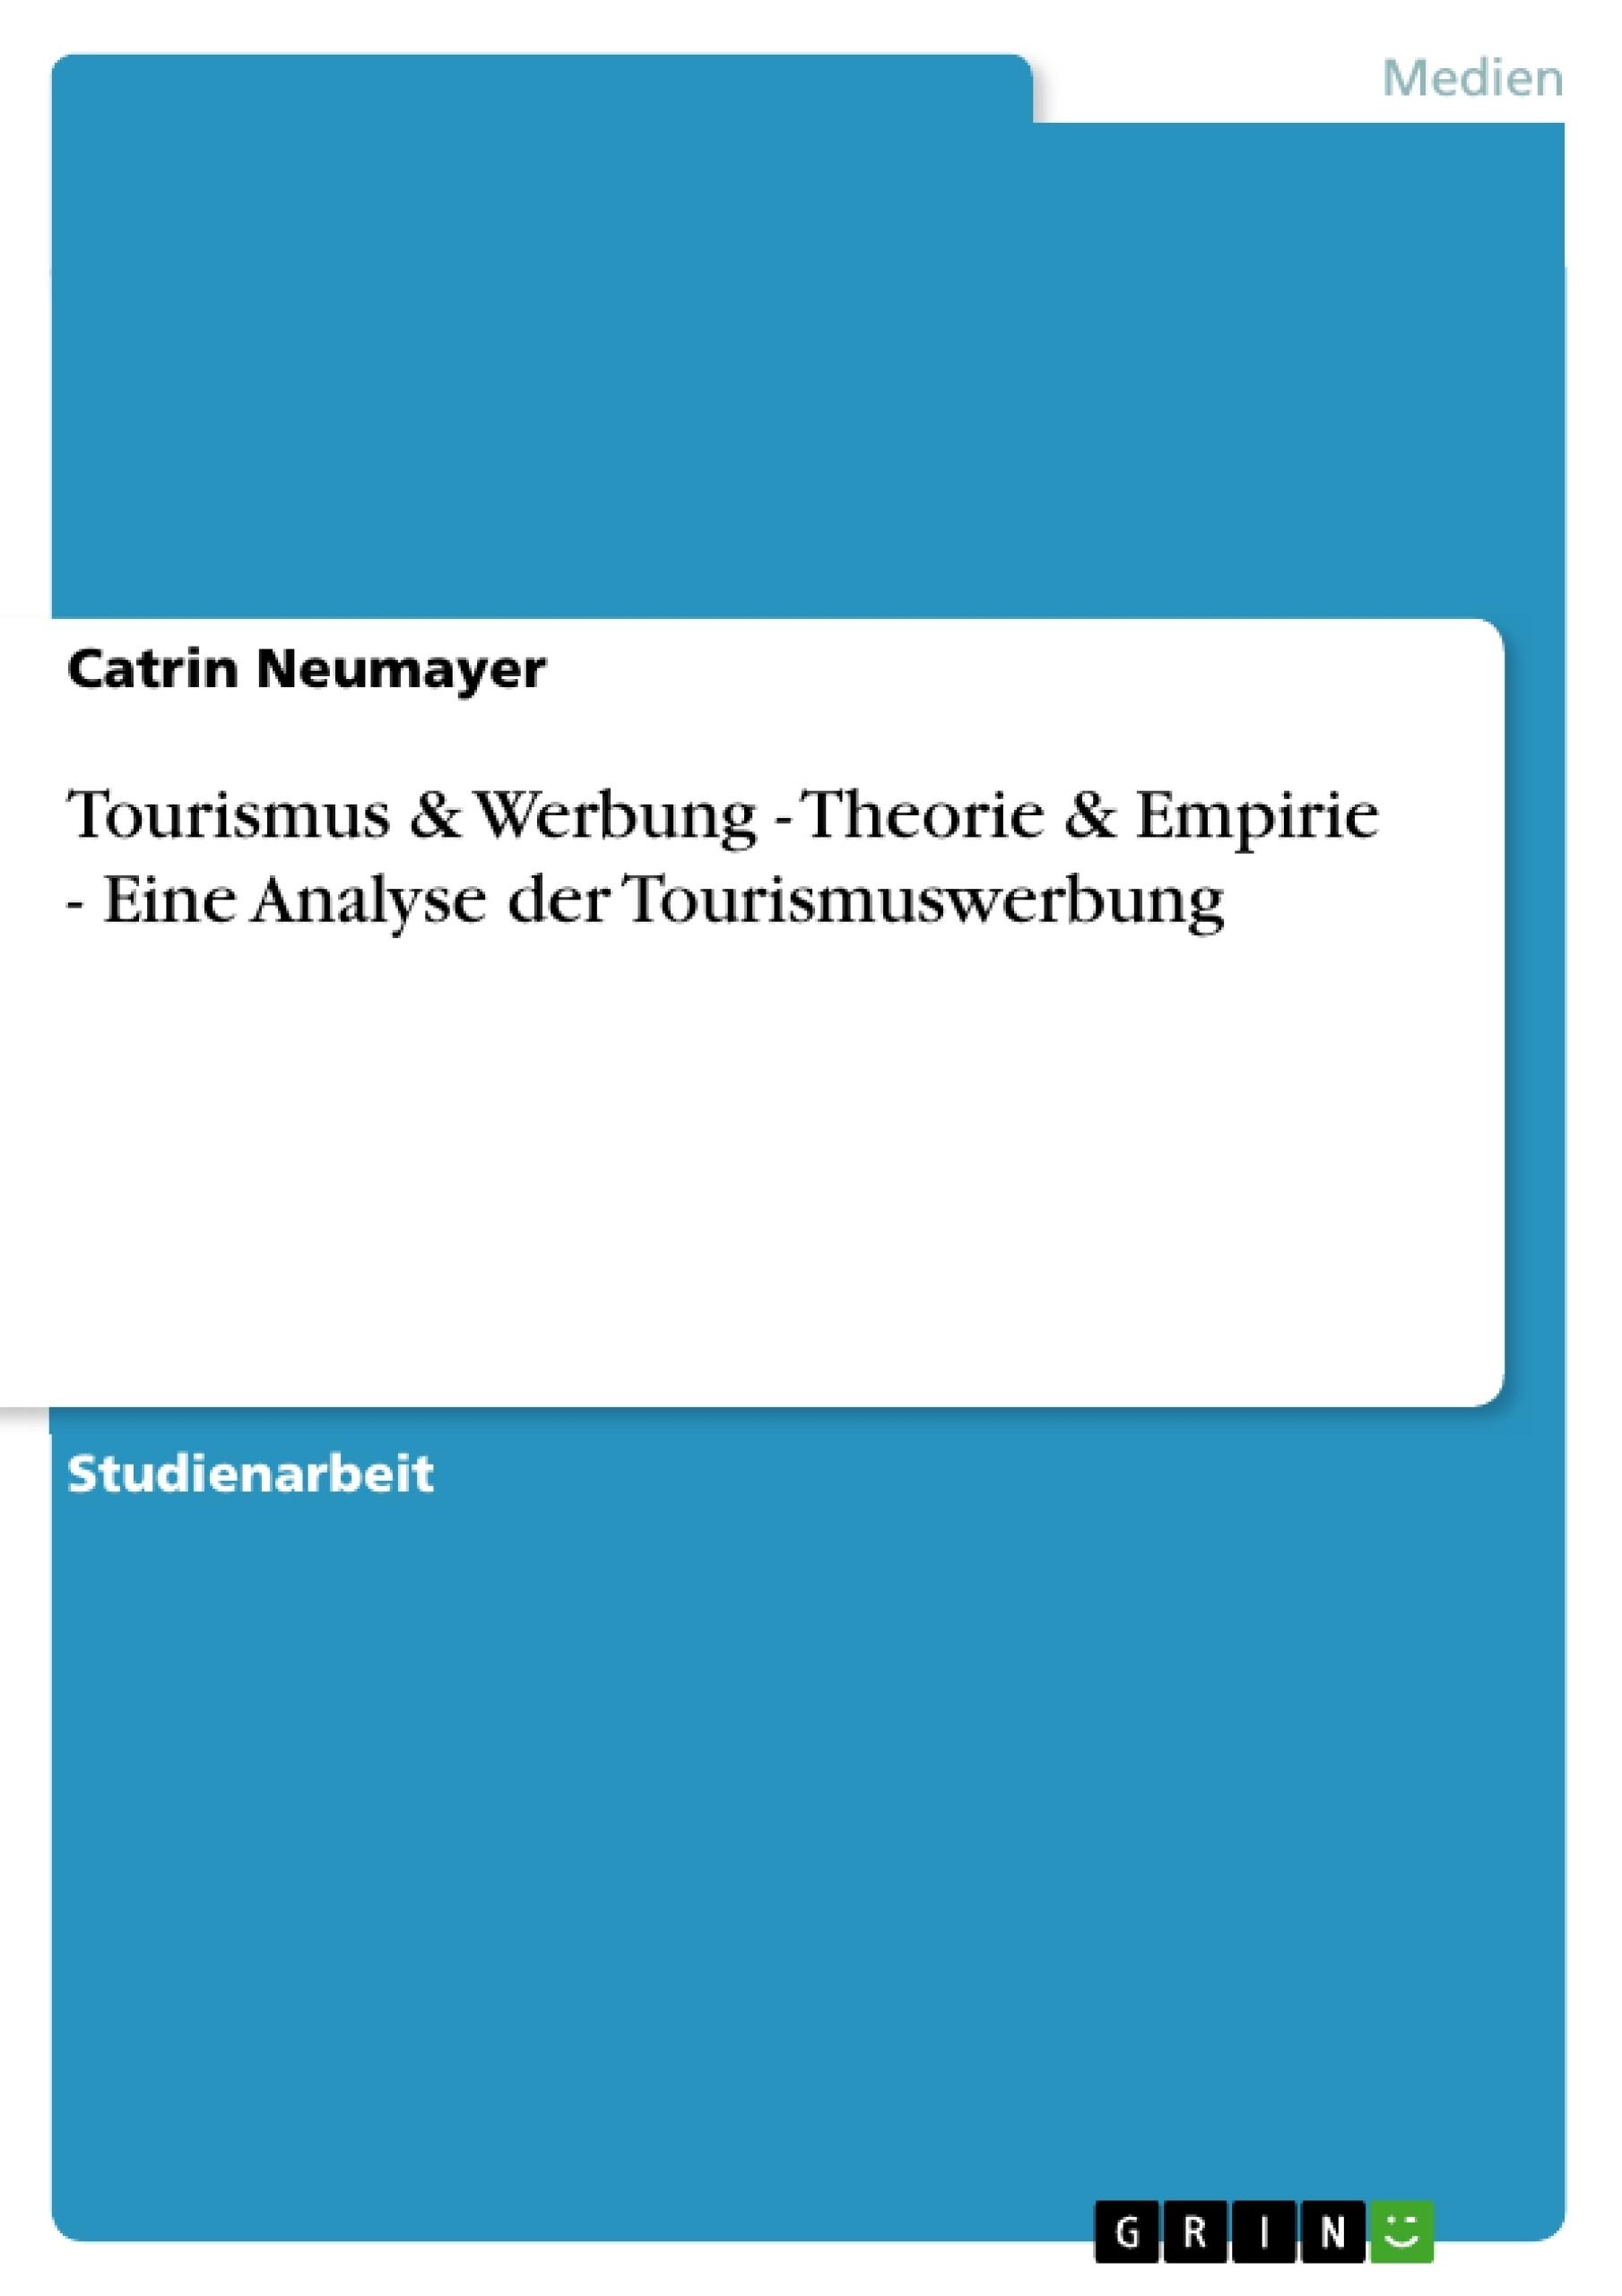 Titel: Tourismus & Werbung - Theorie & Empirie - Eine Analyse der Tourismuswerbung